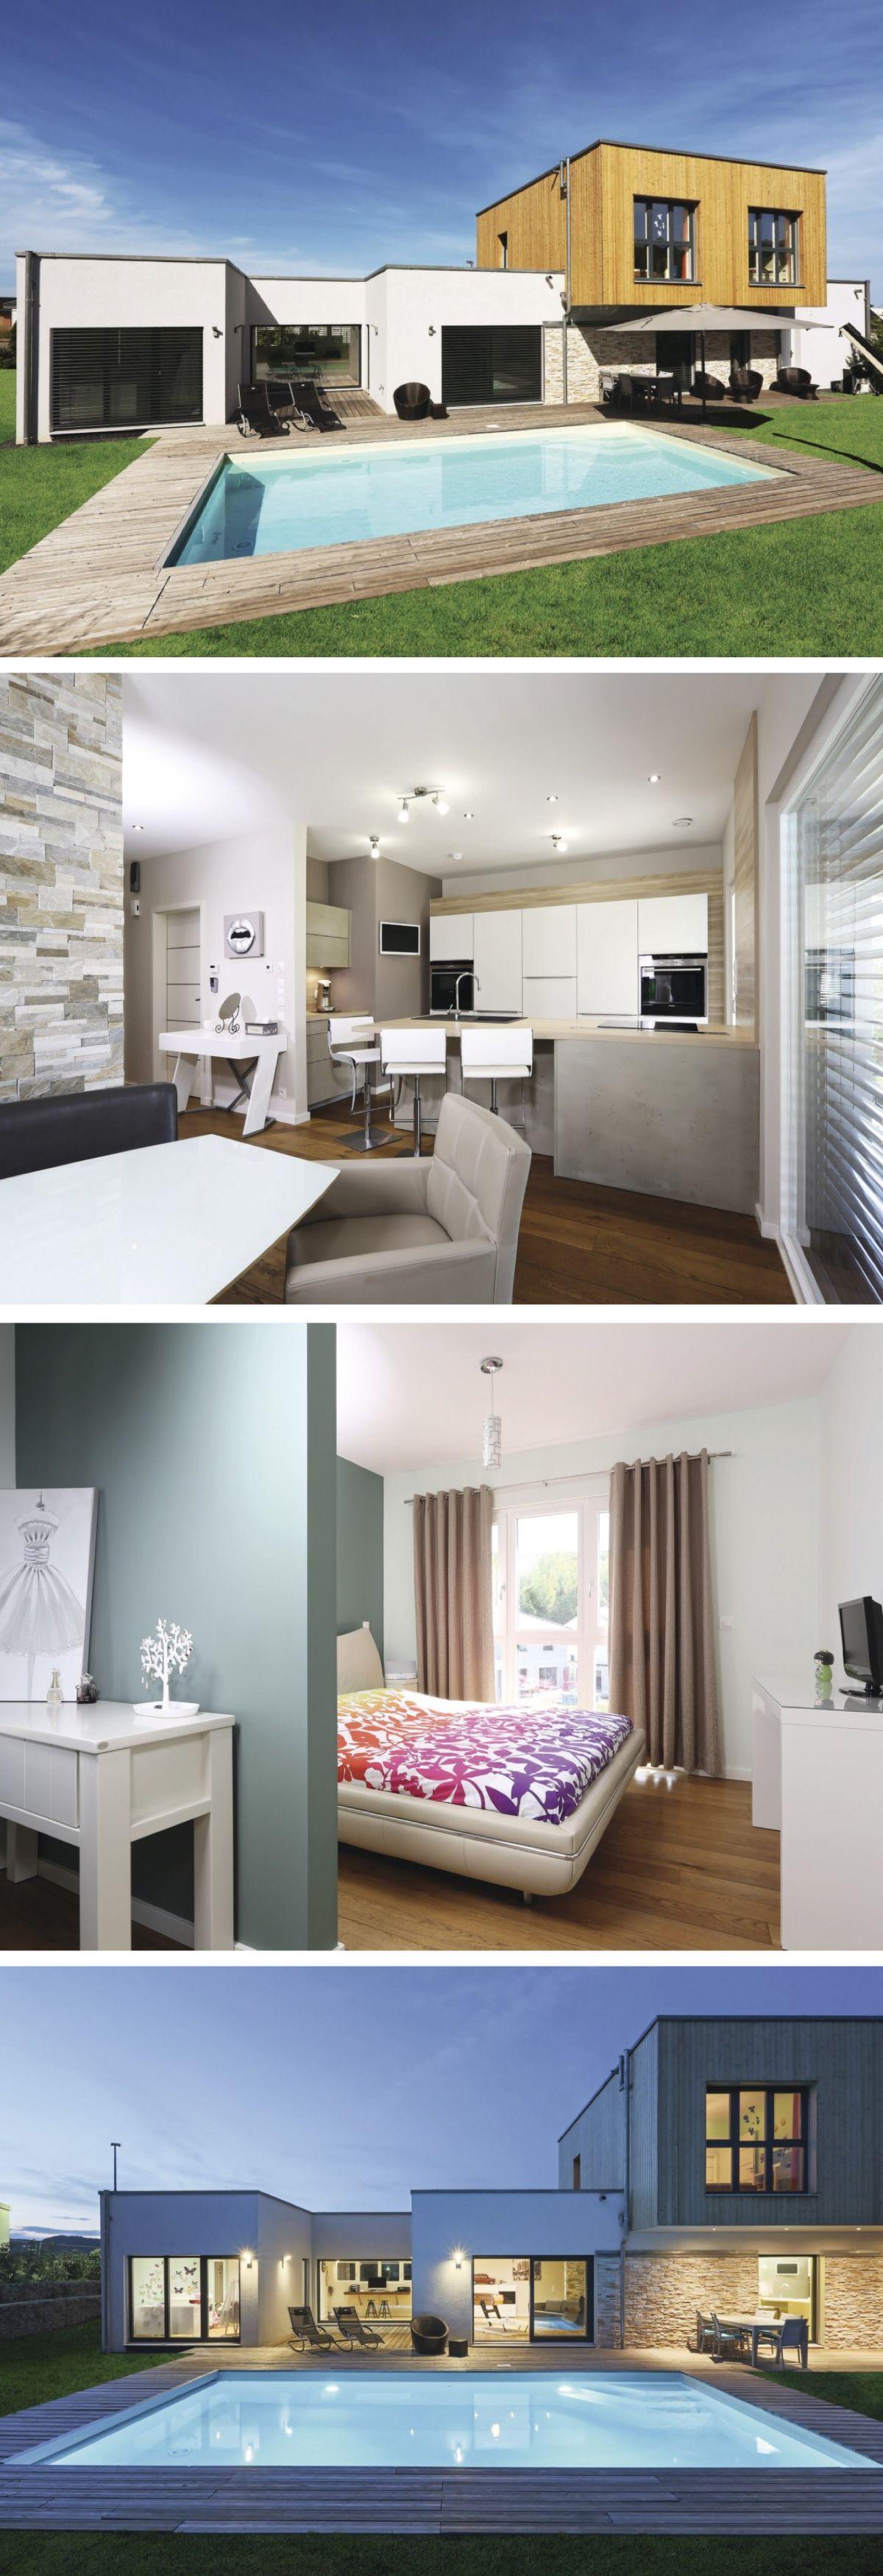 Modernes Design Haus mit Flachdach-Architektur - Einfamilienhaus ...